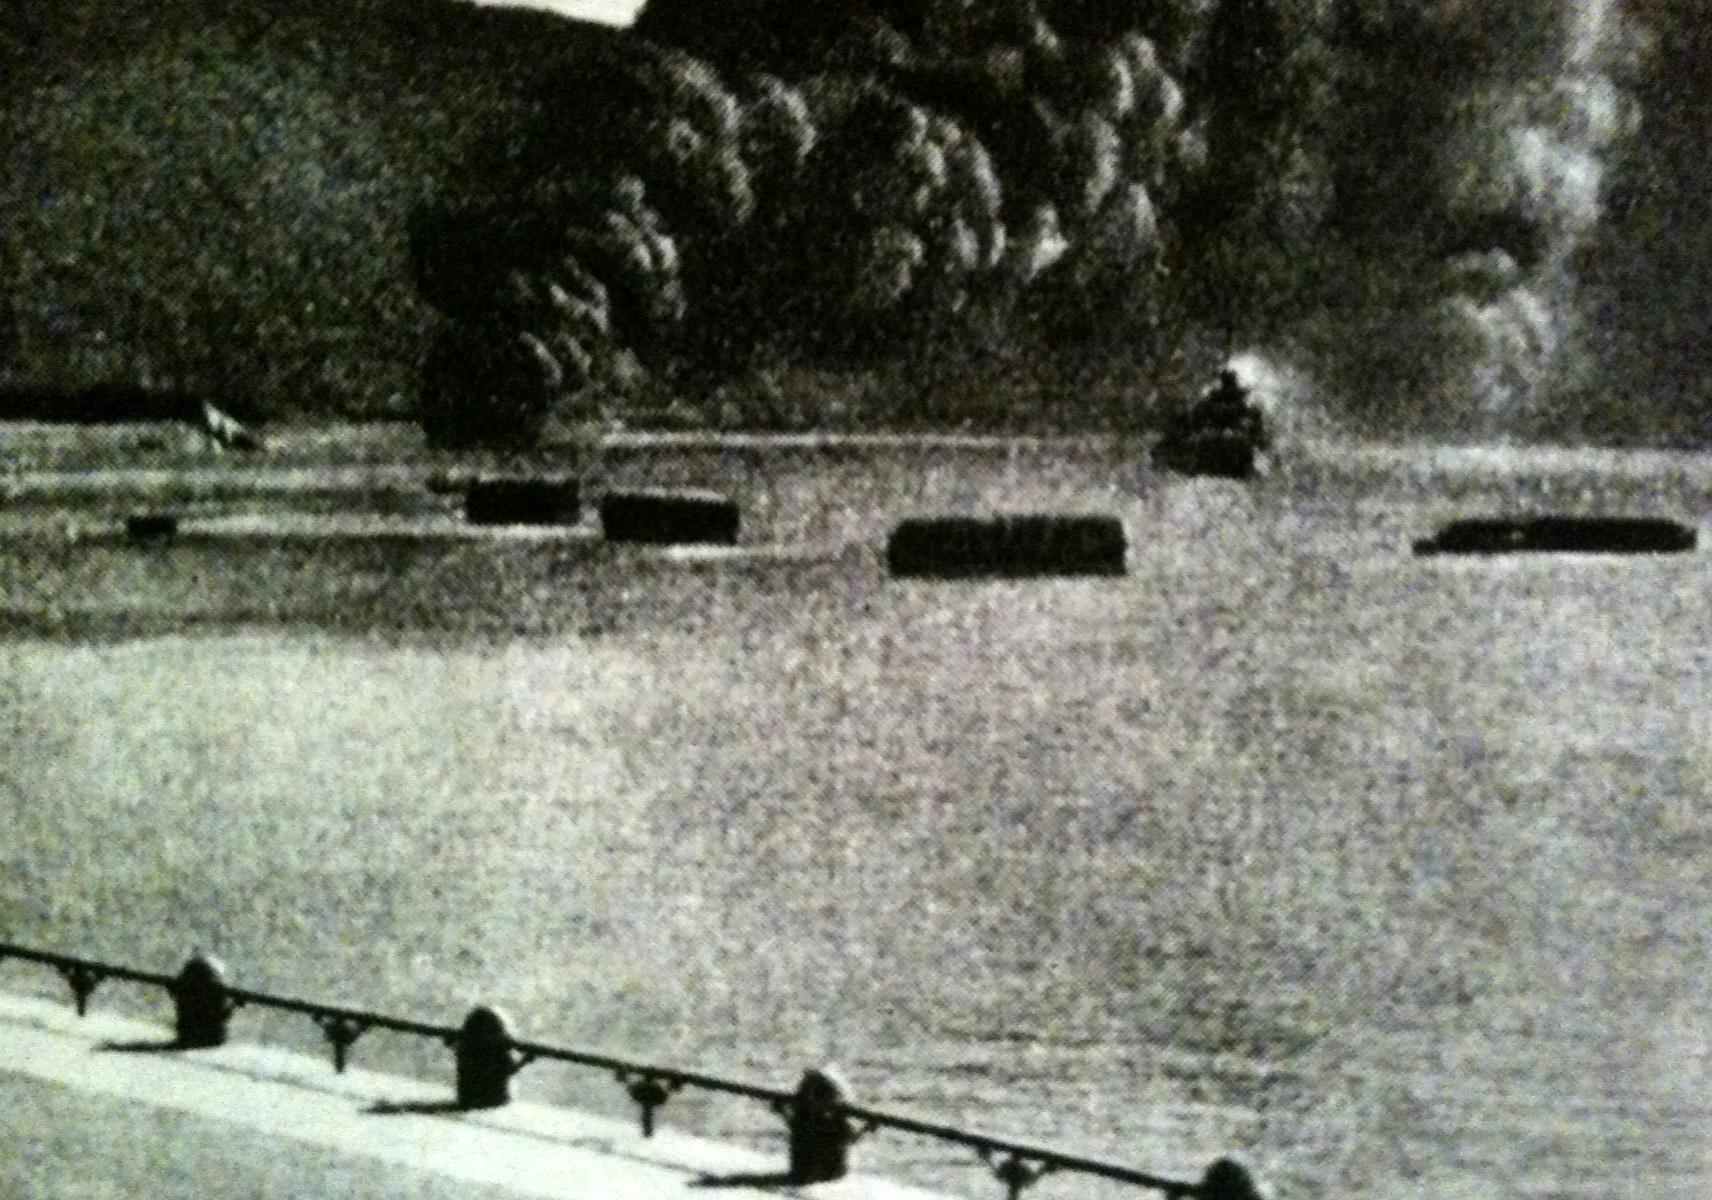 Lero bombardamenti tedeschi porto